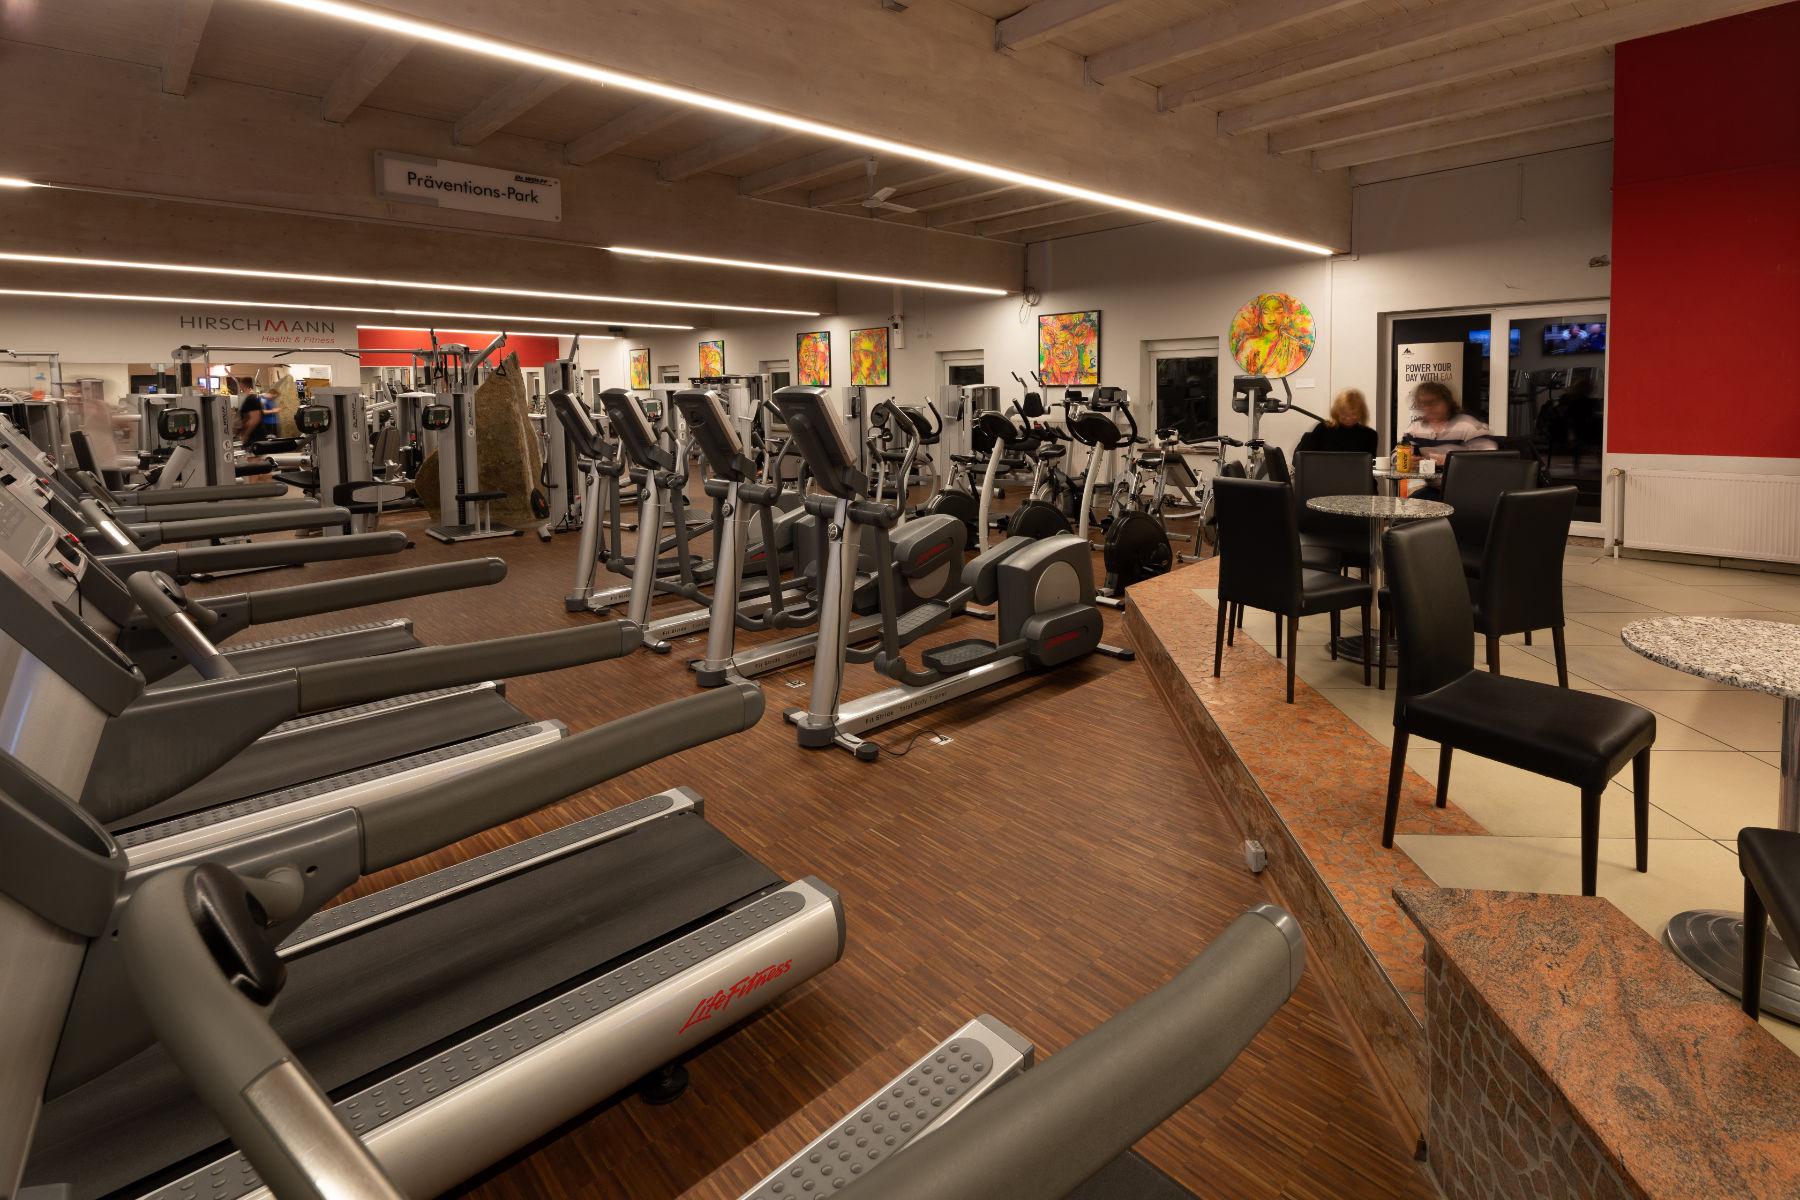 Fitnessstudio Ausdauertraining